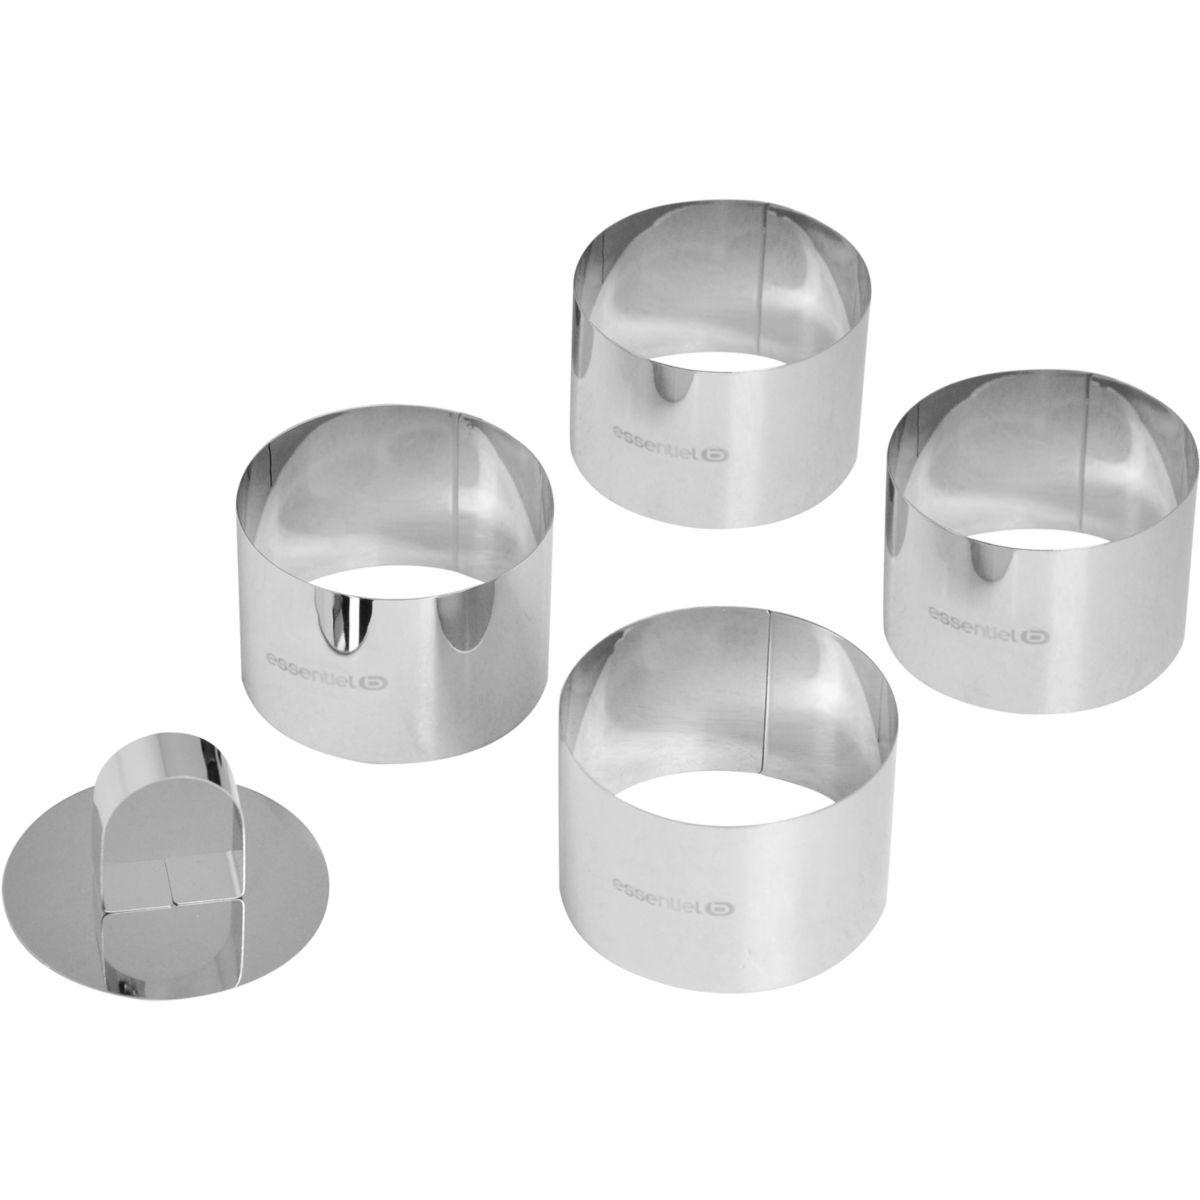 Emporte pièce ESSENTIELB 4 cercles inox diam 7.5 cm + 1 poussoir